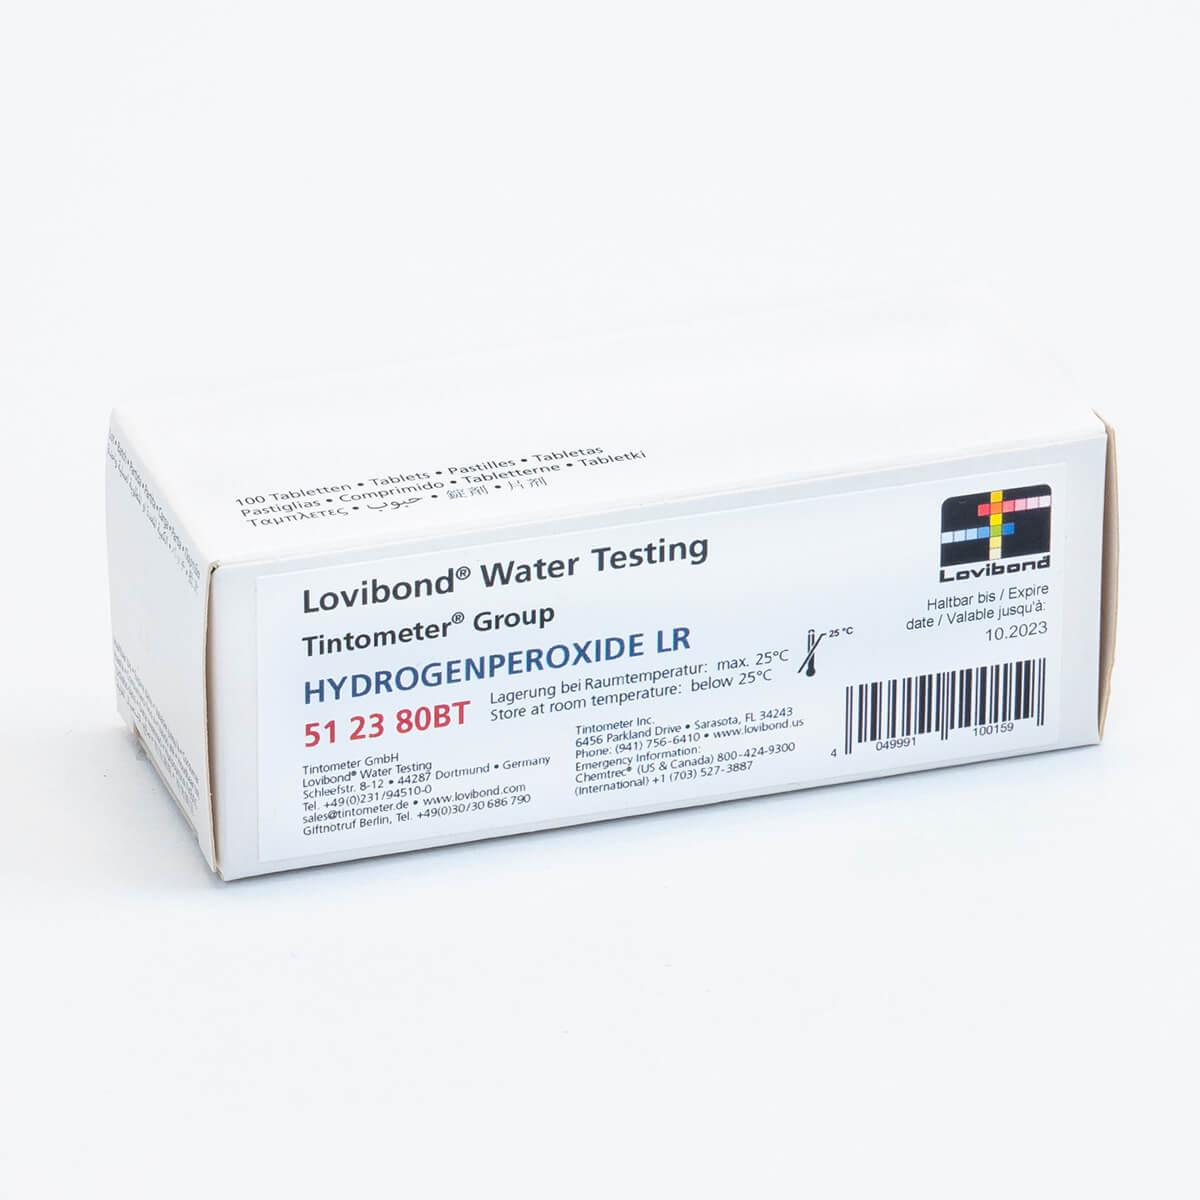 Hydrogen Peroxide LR